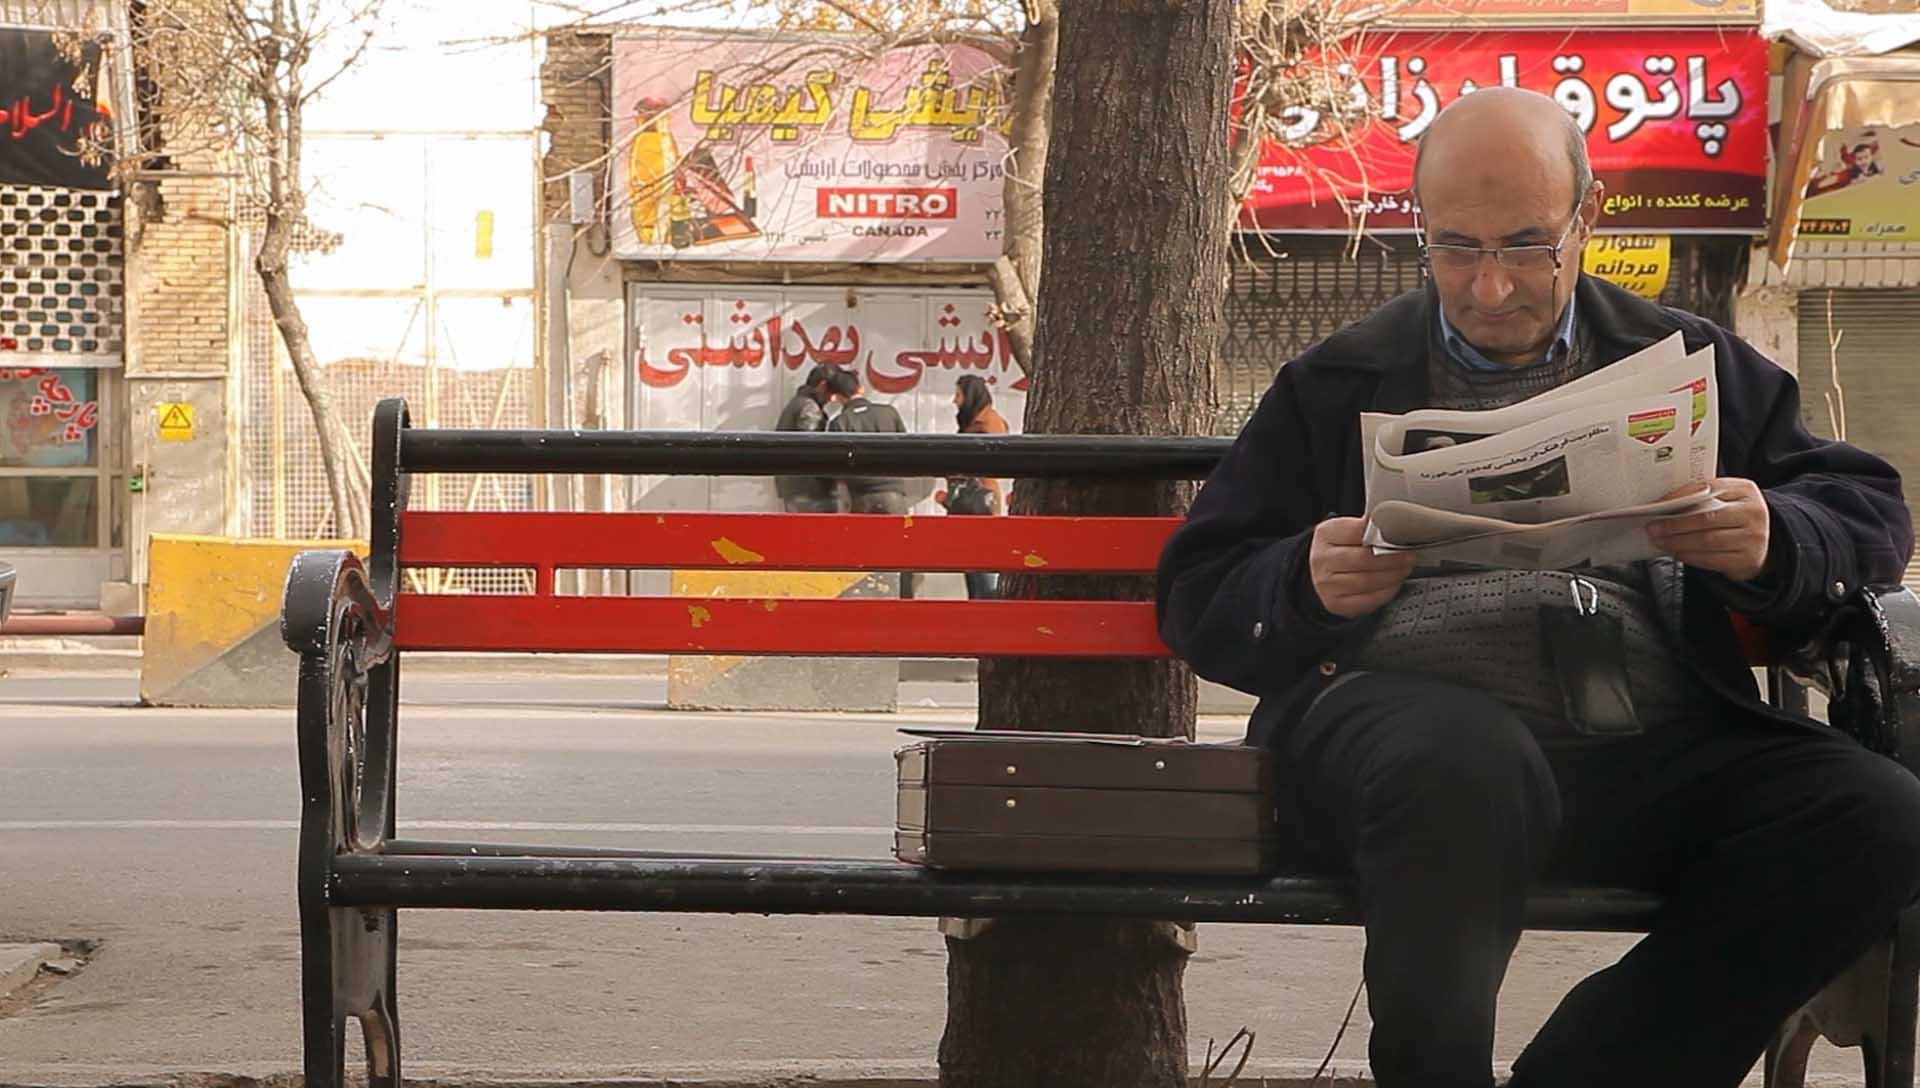 به جا مانده عکس 02- شرکت فیلم سازی زوم شیراز برادران شریفی